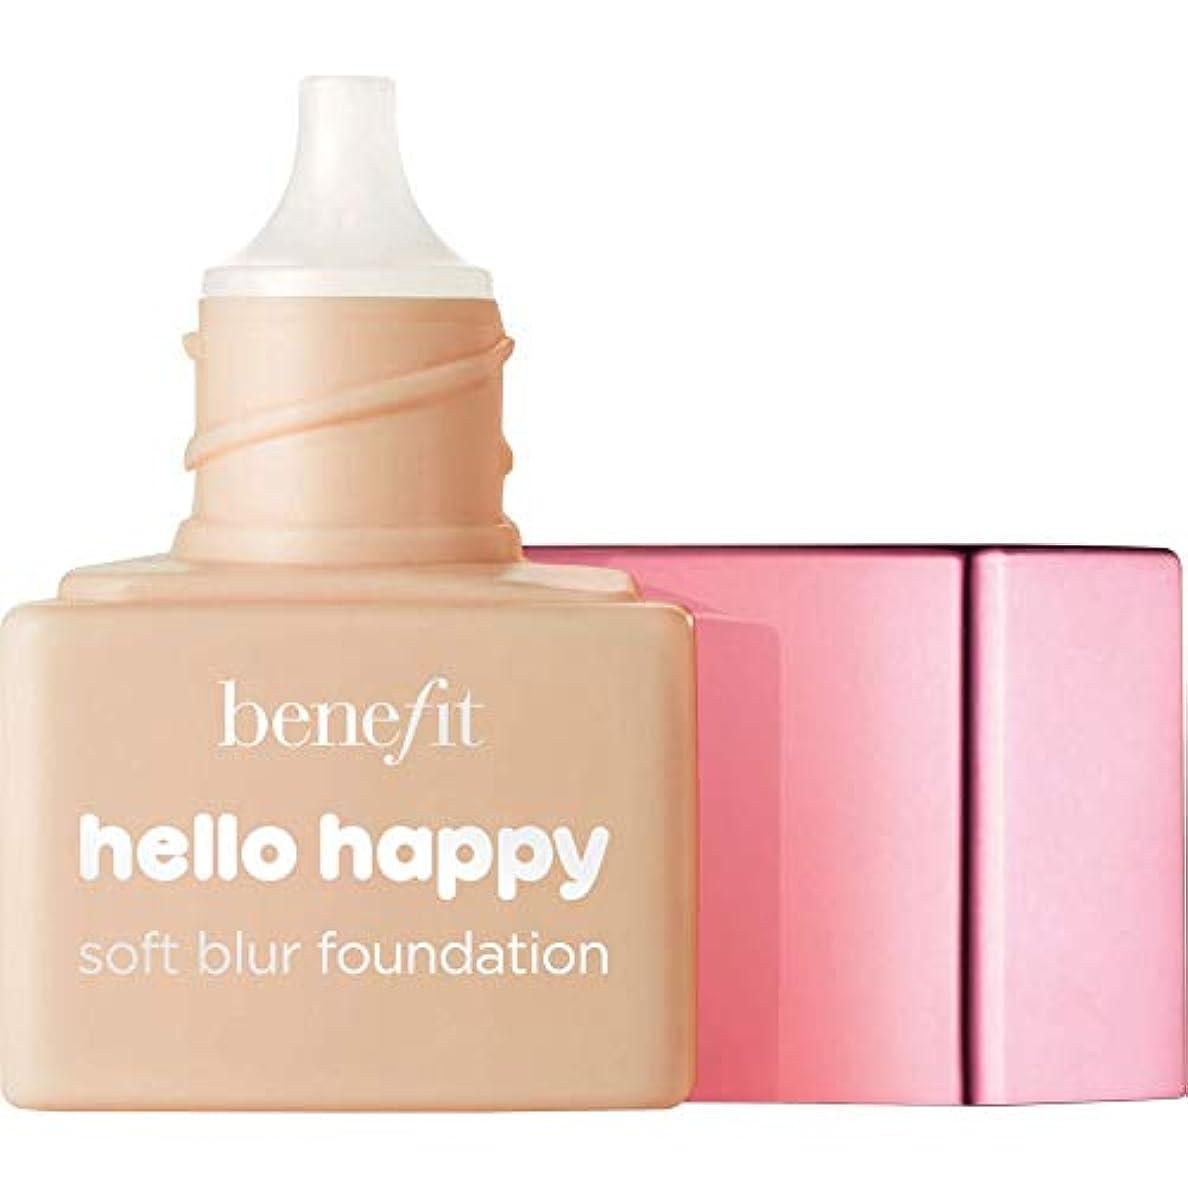 ミュウミュウ静けさアスレチック[Benefit ] ミニ4 - - こんにちは幸せソフトブラー基礎Spf15の6ミリリットルの利益中性媒体中 - Benefit Hello Happy Soft Blur Foundation SPF15 6ml -...